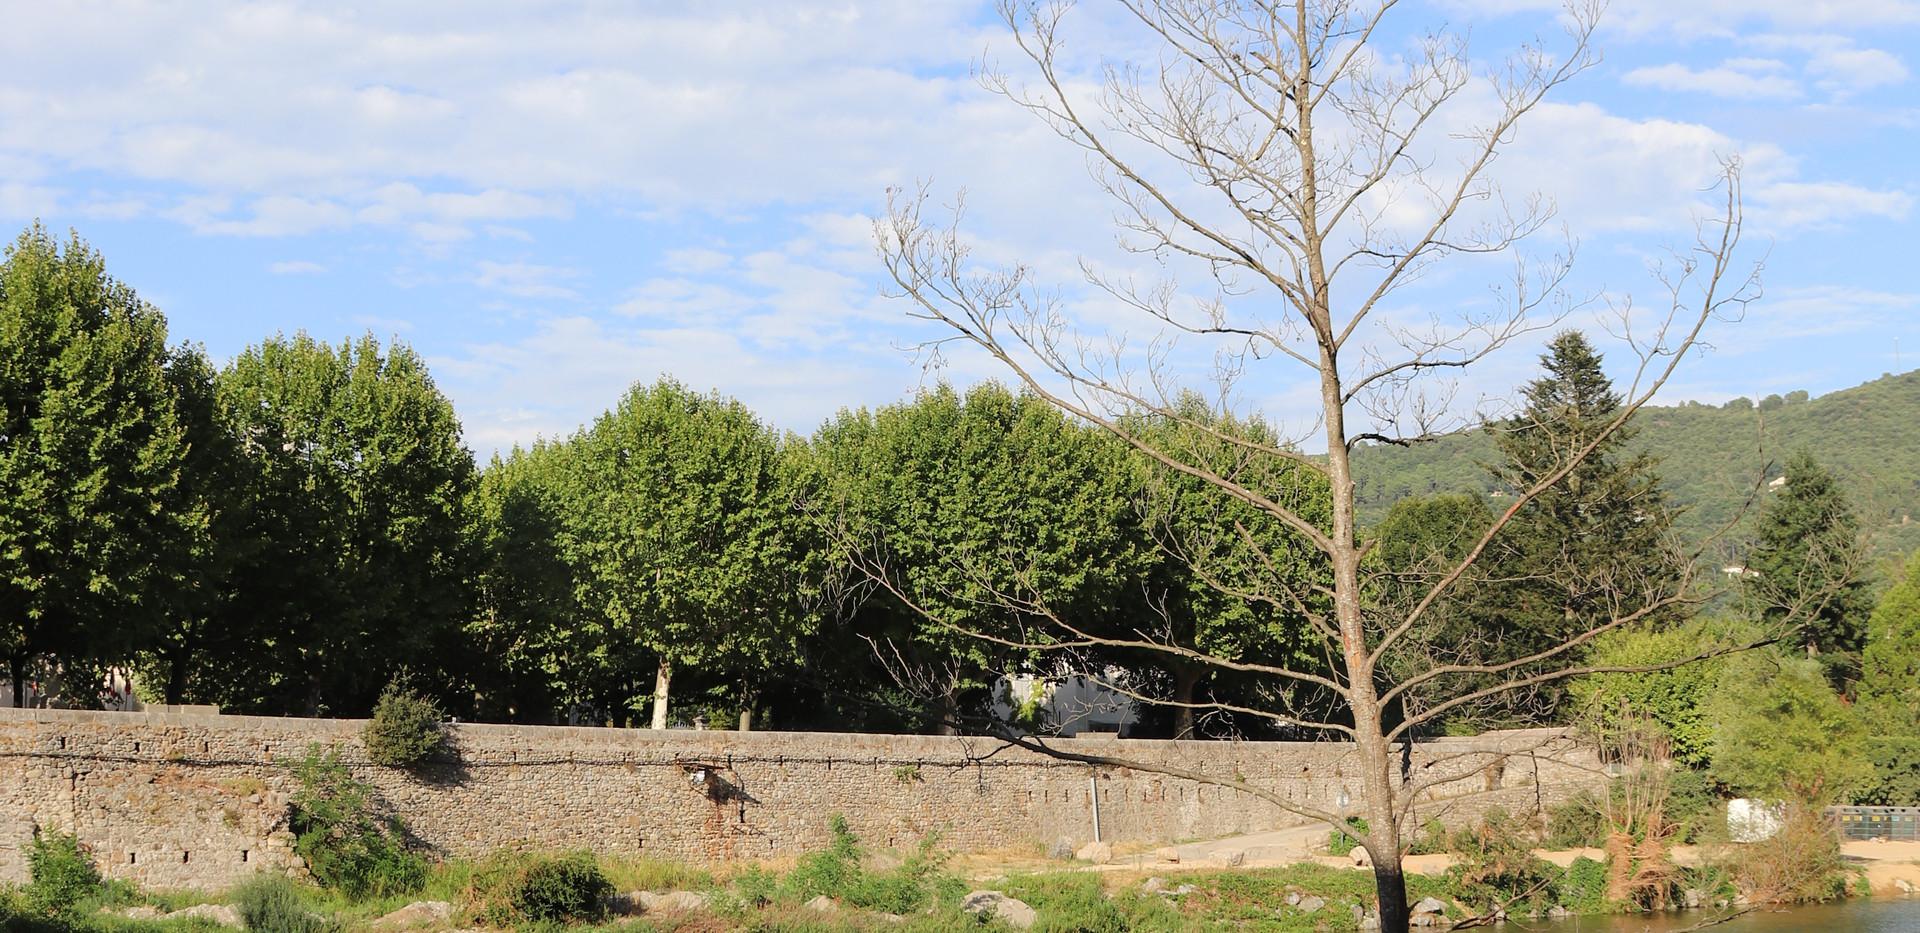 20200810 - St Jean du Gard (34).jpeg